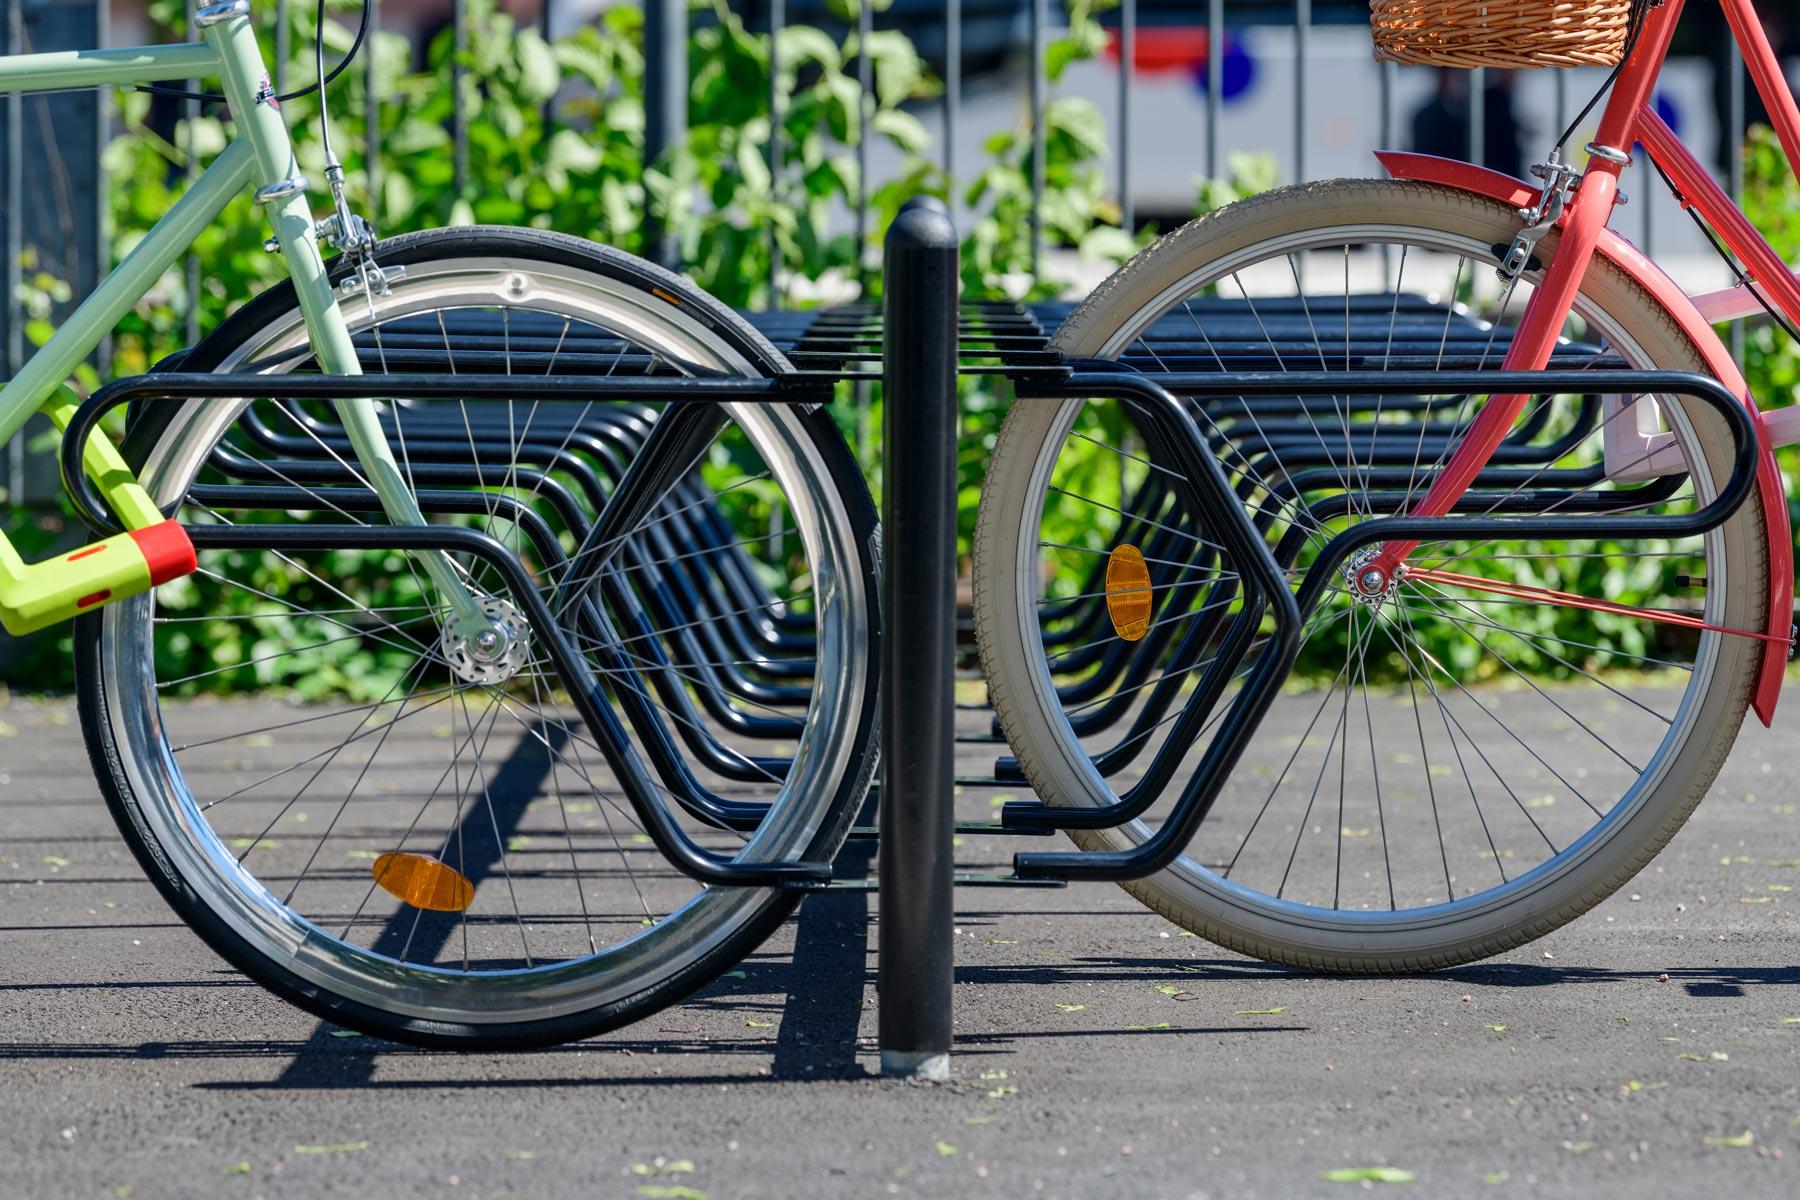 Sykkelstativ med god rammelåsing. Forhjulet på sykkelen kjøres inn i bøylen.